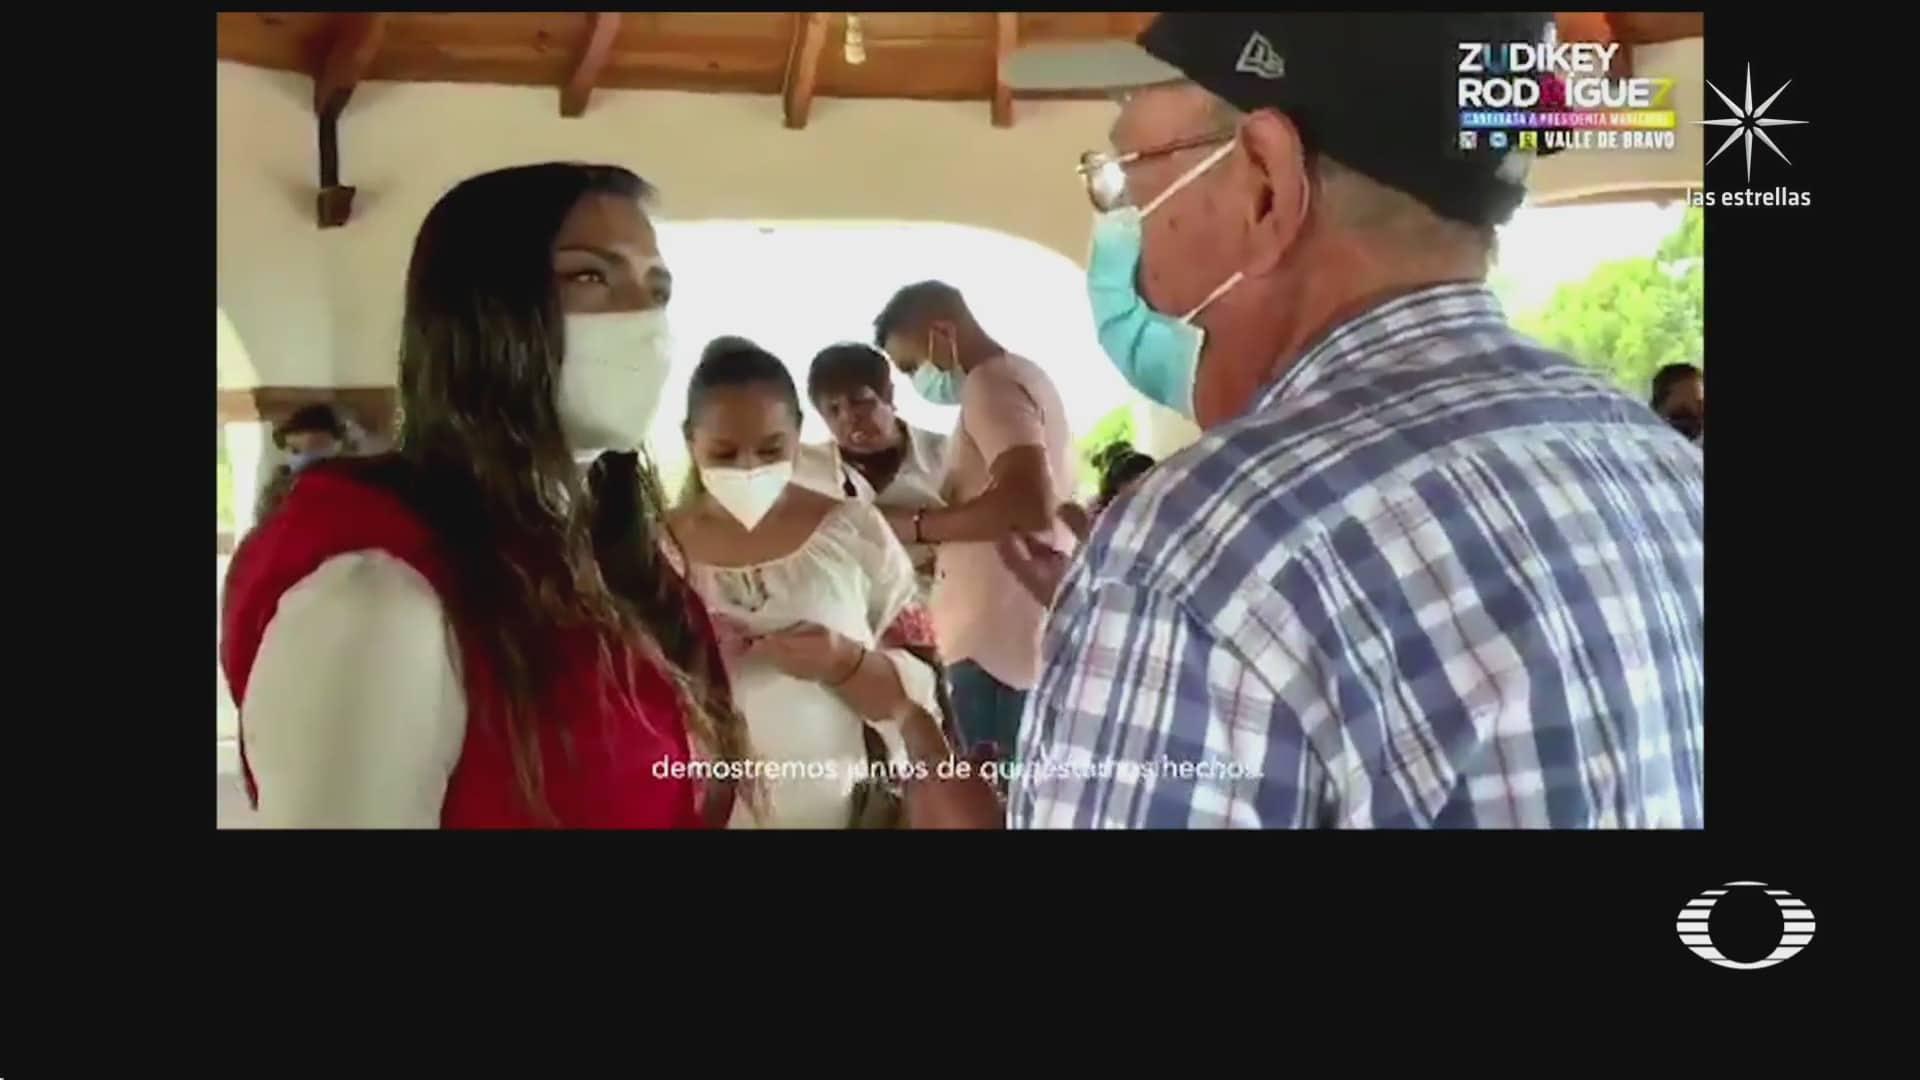 reaparece la candidata zudikey rodriguez en redes sociales